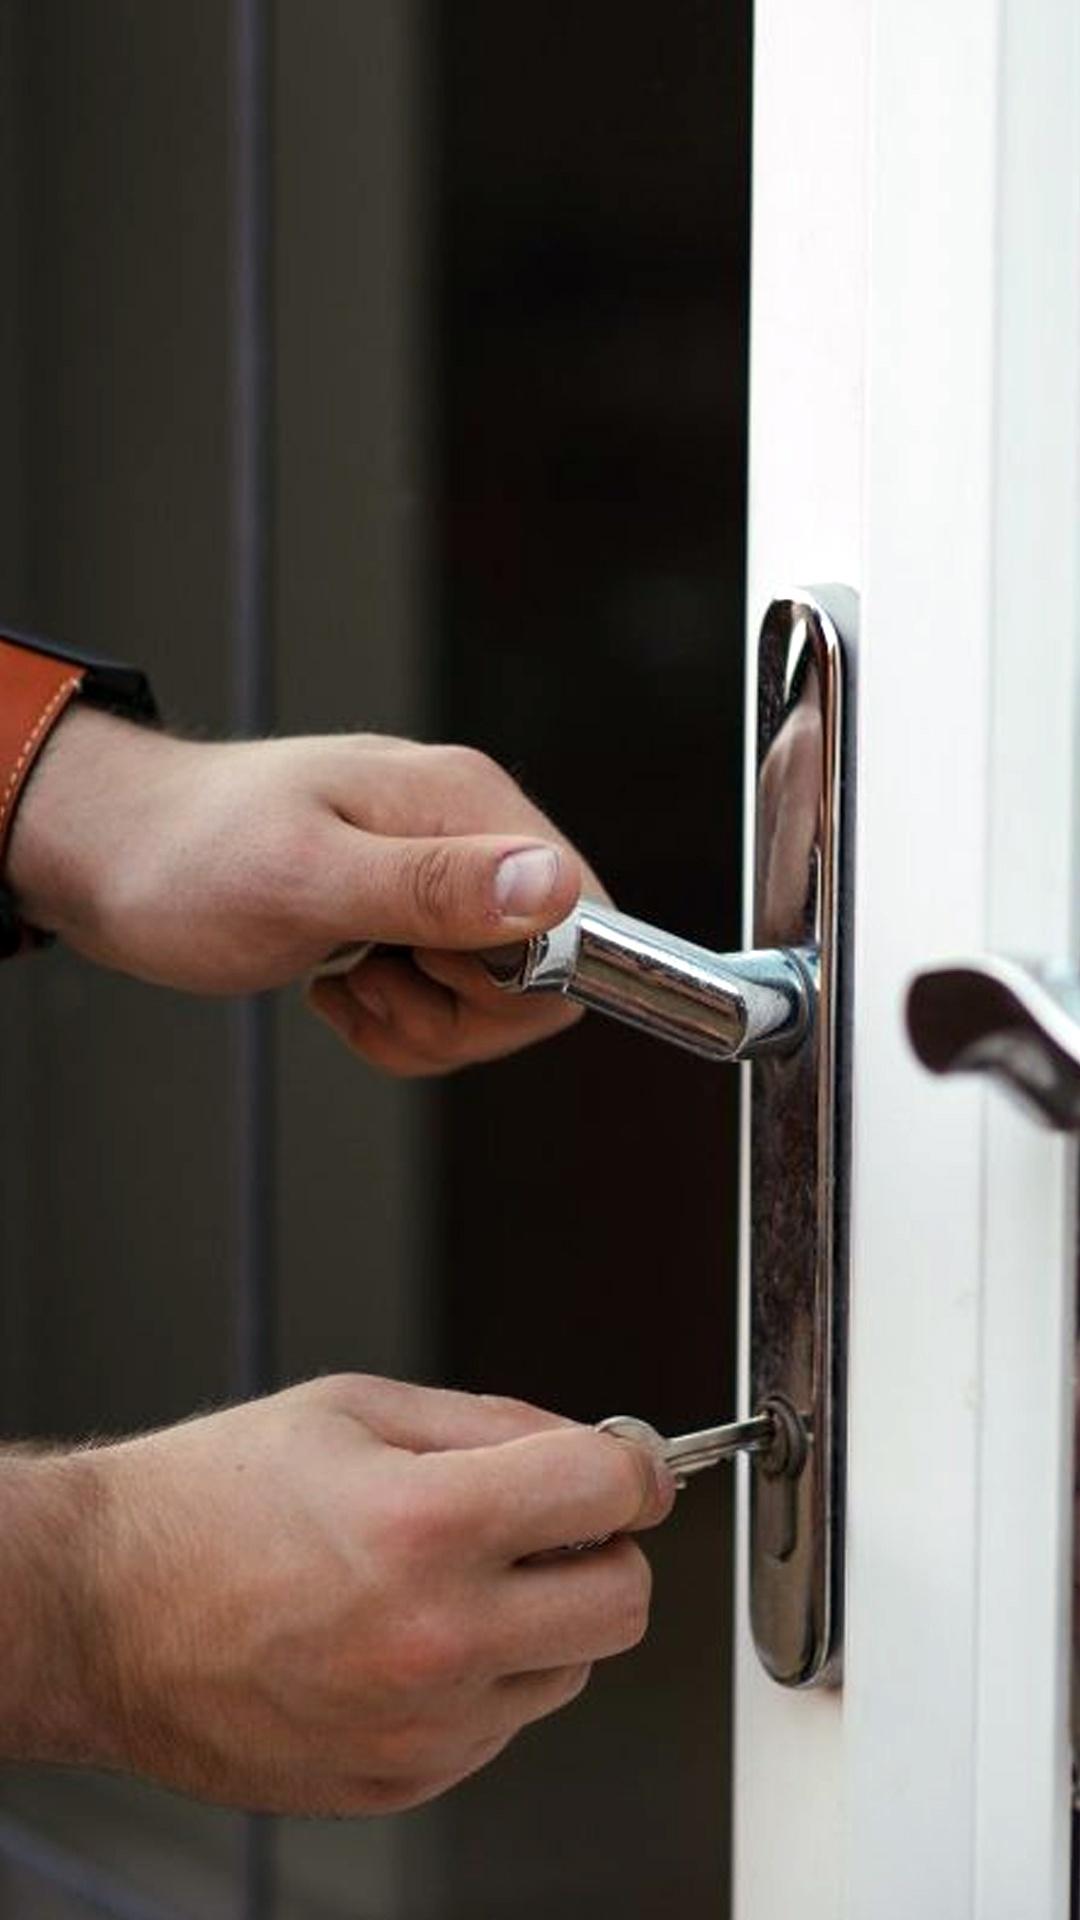 Serviços de emergência chaves e fechaduras